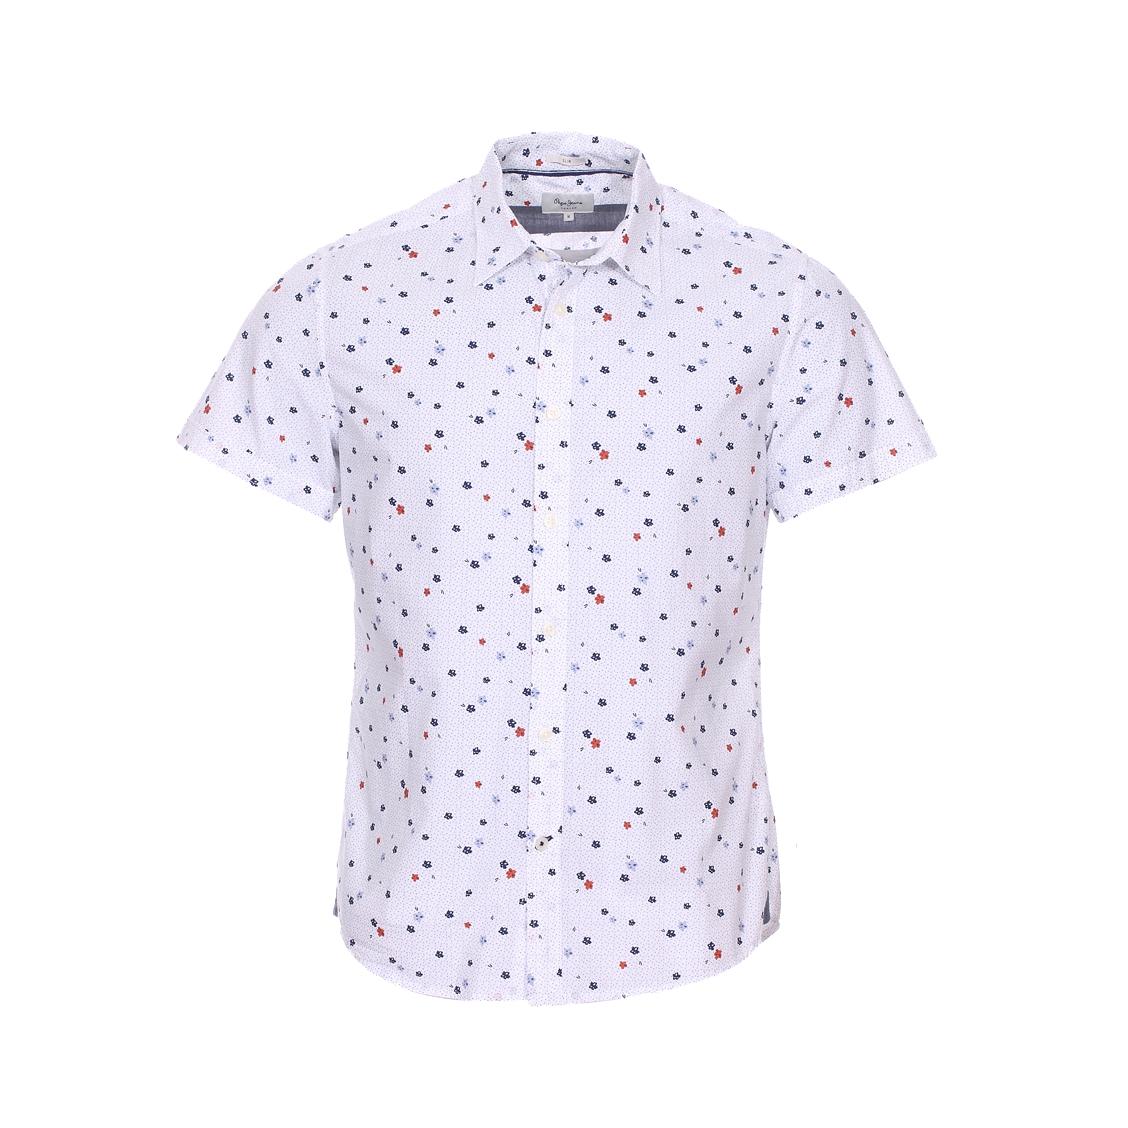 Chemise manches courtes cintrée  bryan en coton blanc à motifs bleus et rouges